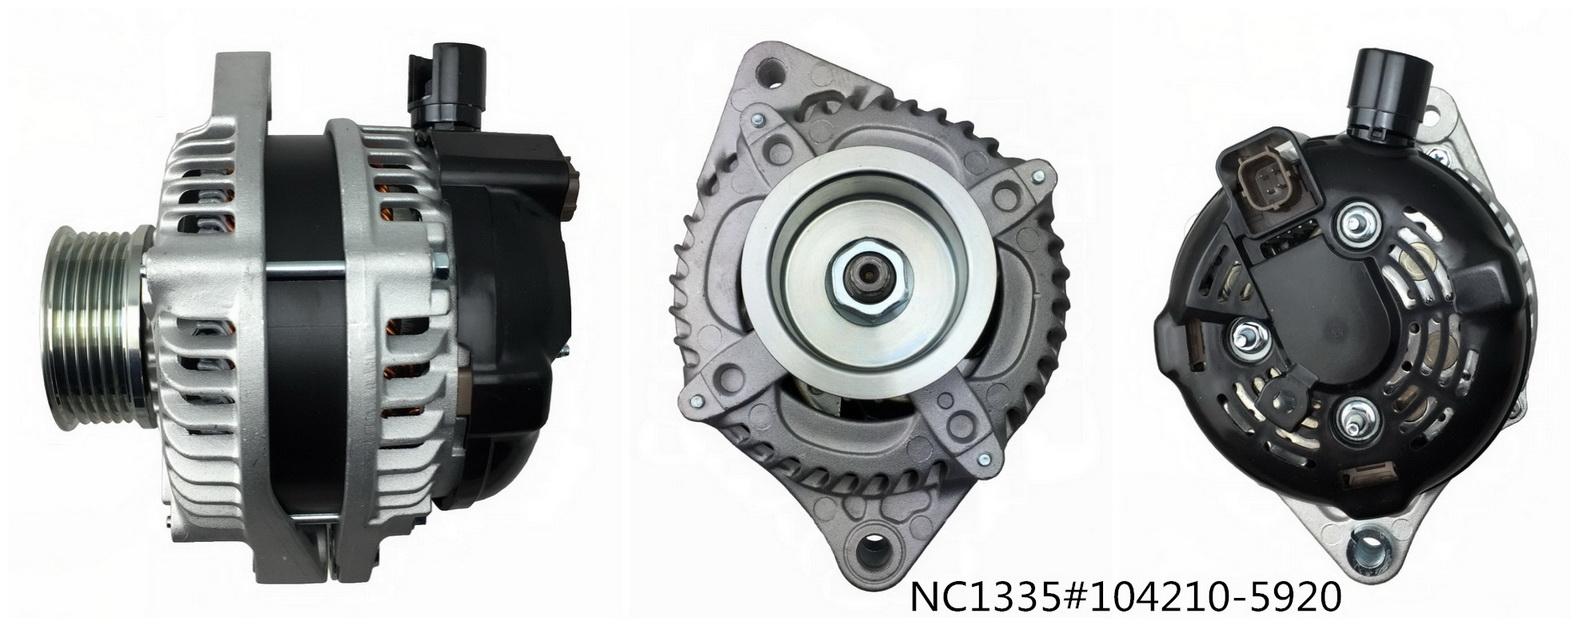 Car Alternator NC1335 (12V 130A,104210-5920)